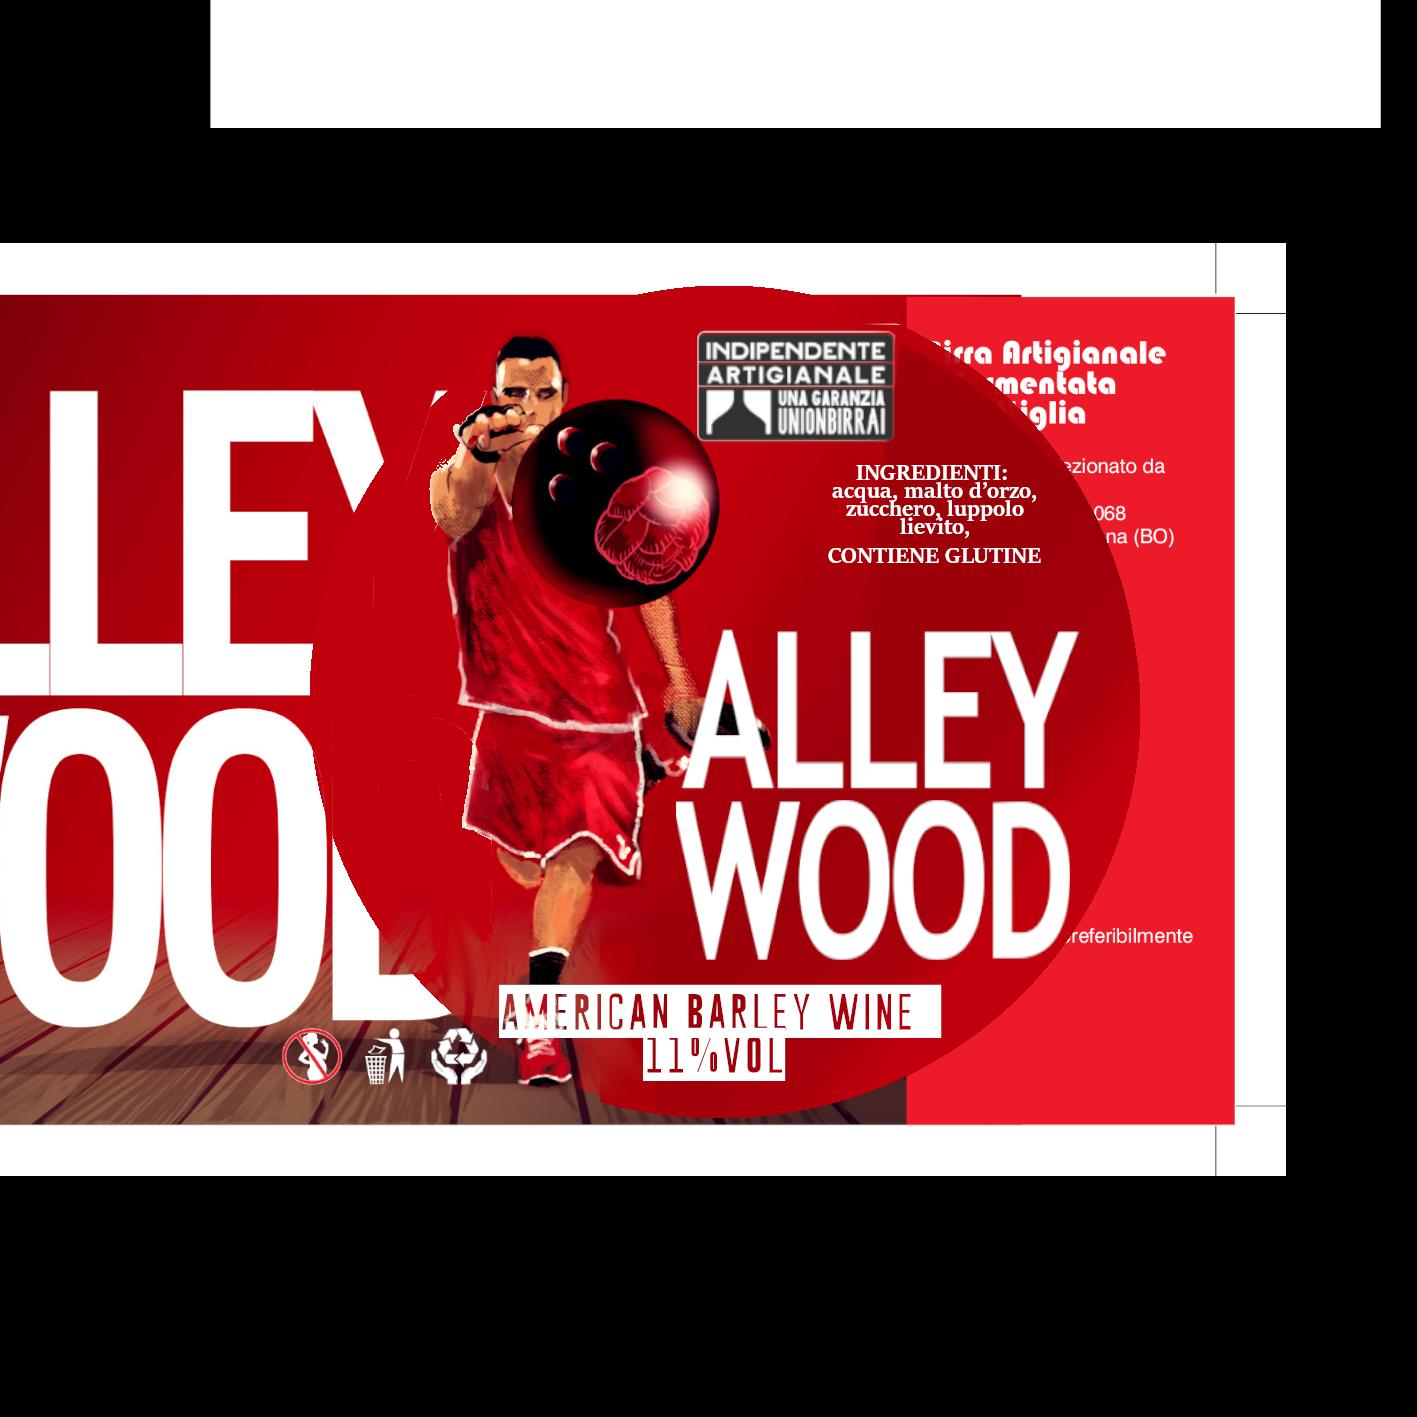 Alley wood Medaglione